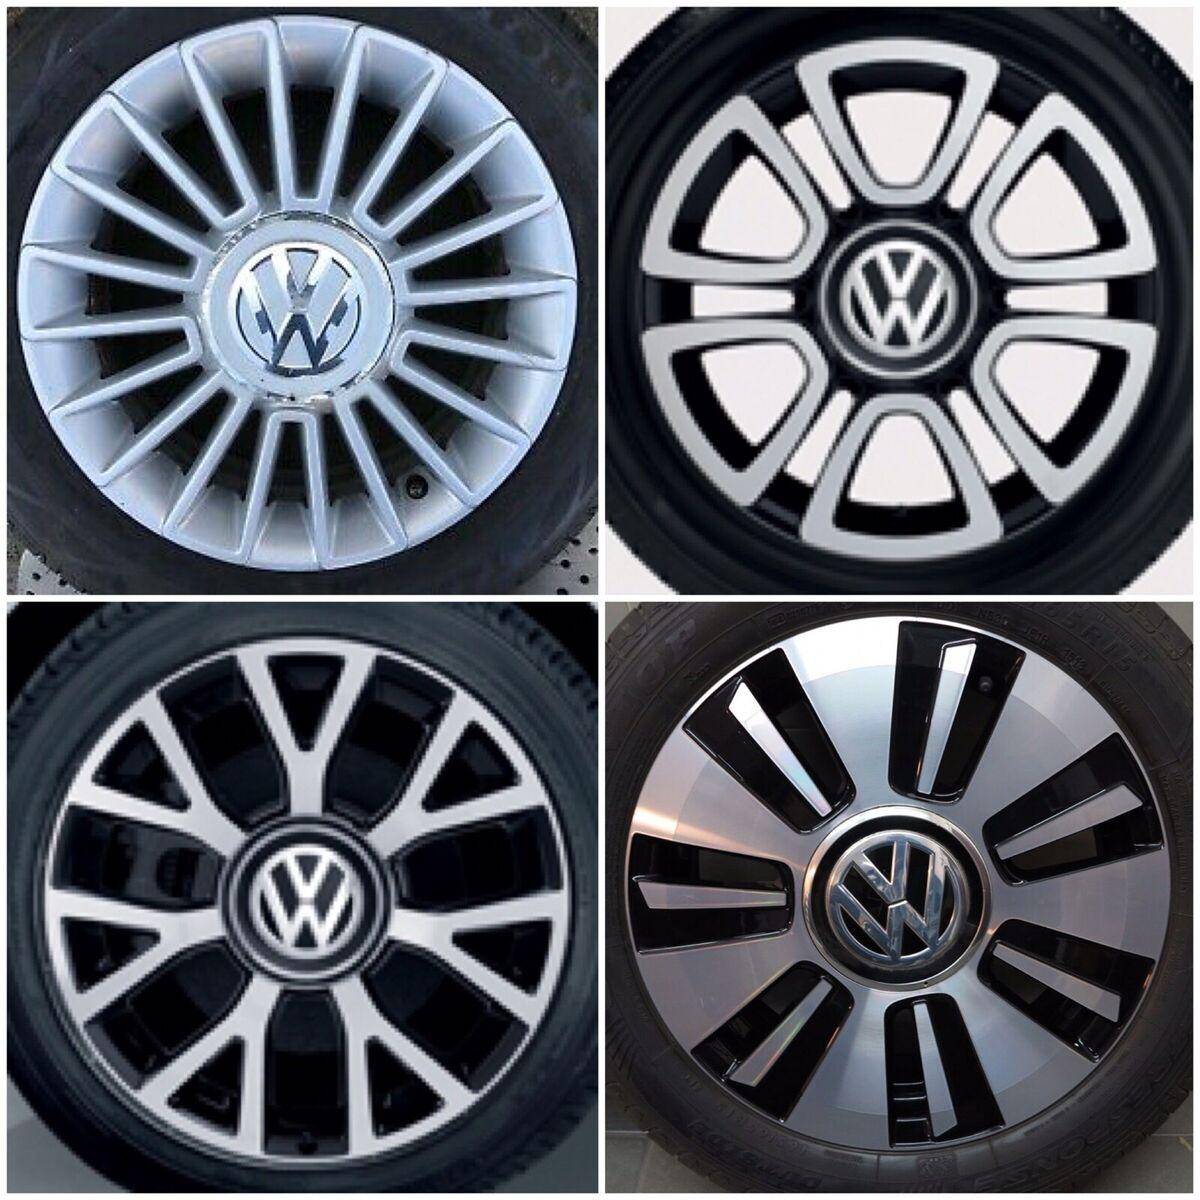 Afholte VW UP! Original fælge købes – dba.dk – Køb og Salg af Nyt og Brugt GD-01